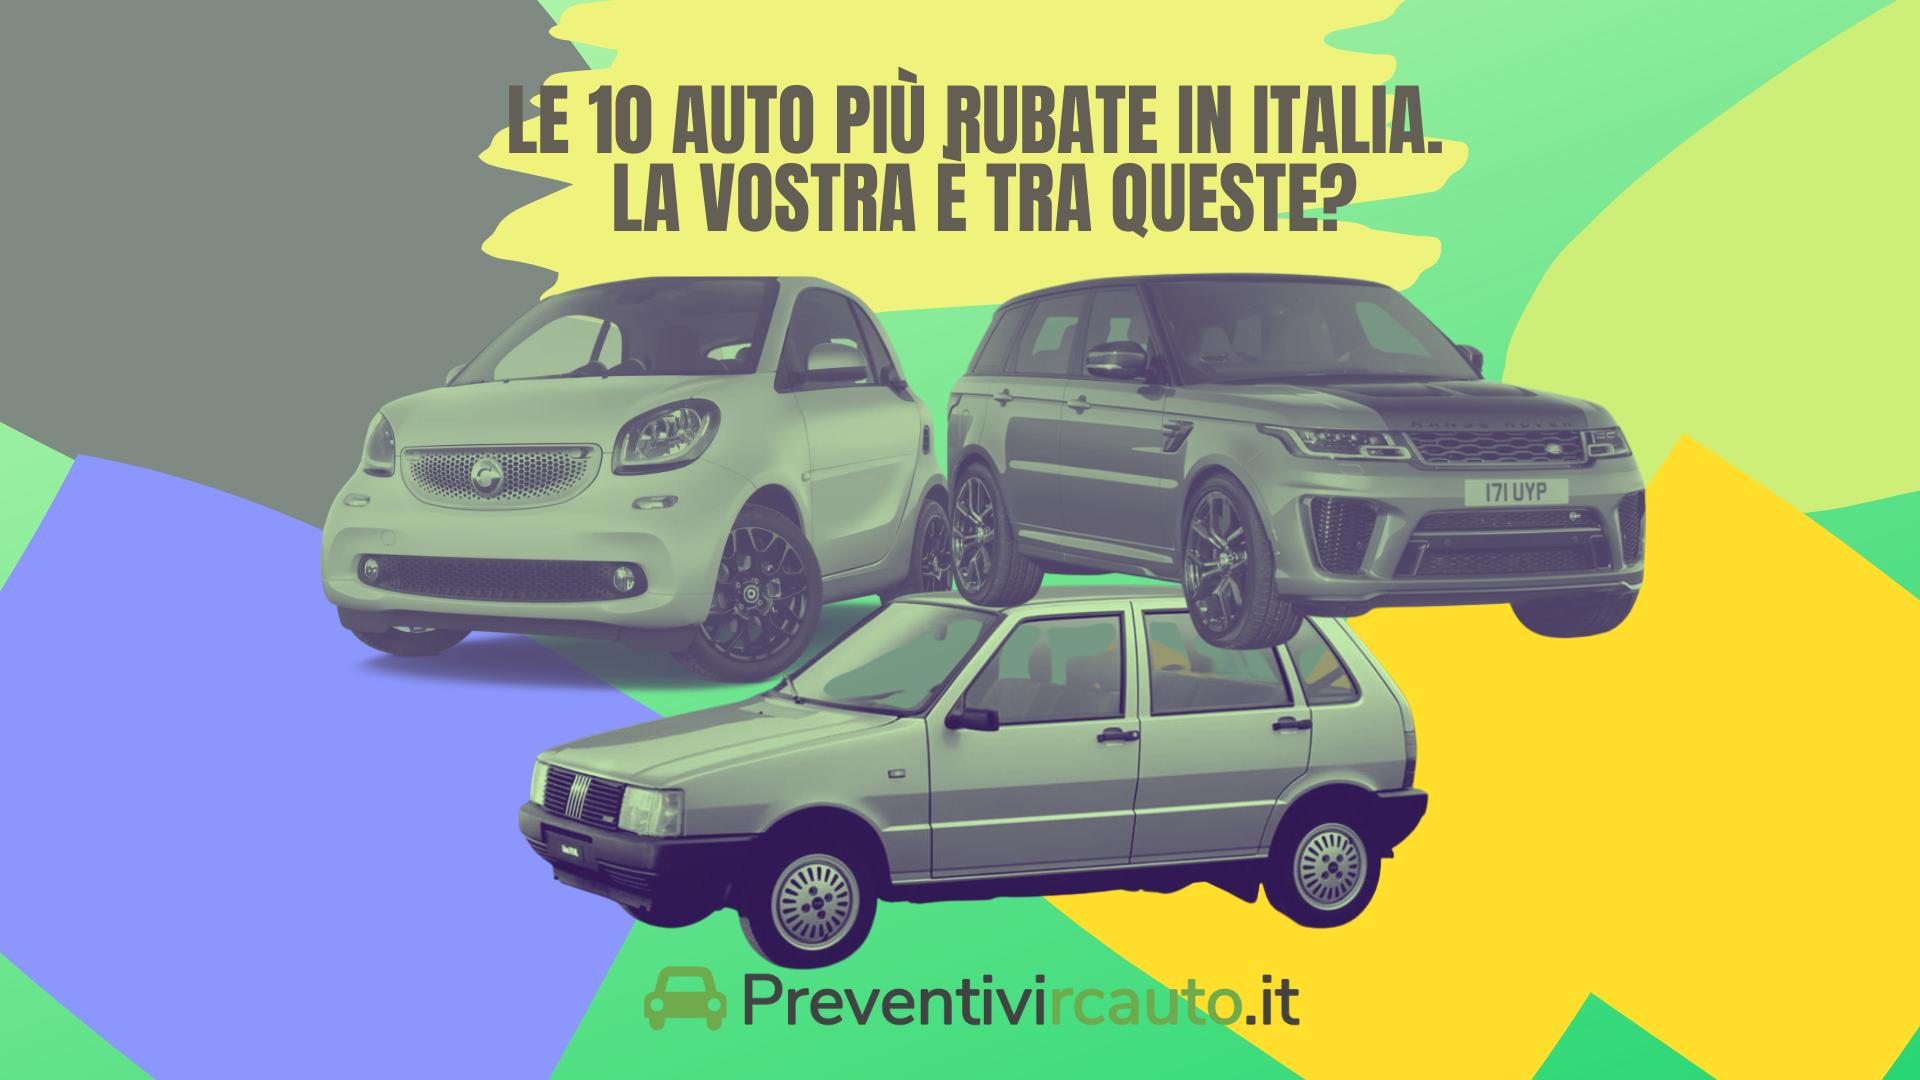 Le 10 auto più rubate in Italia